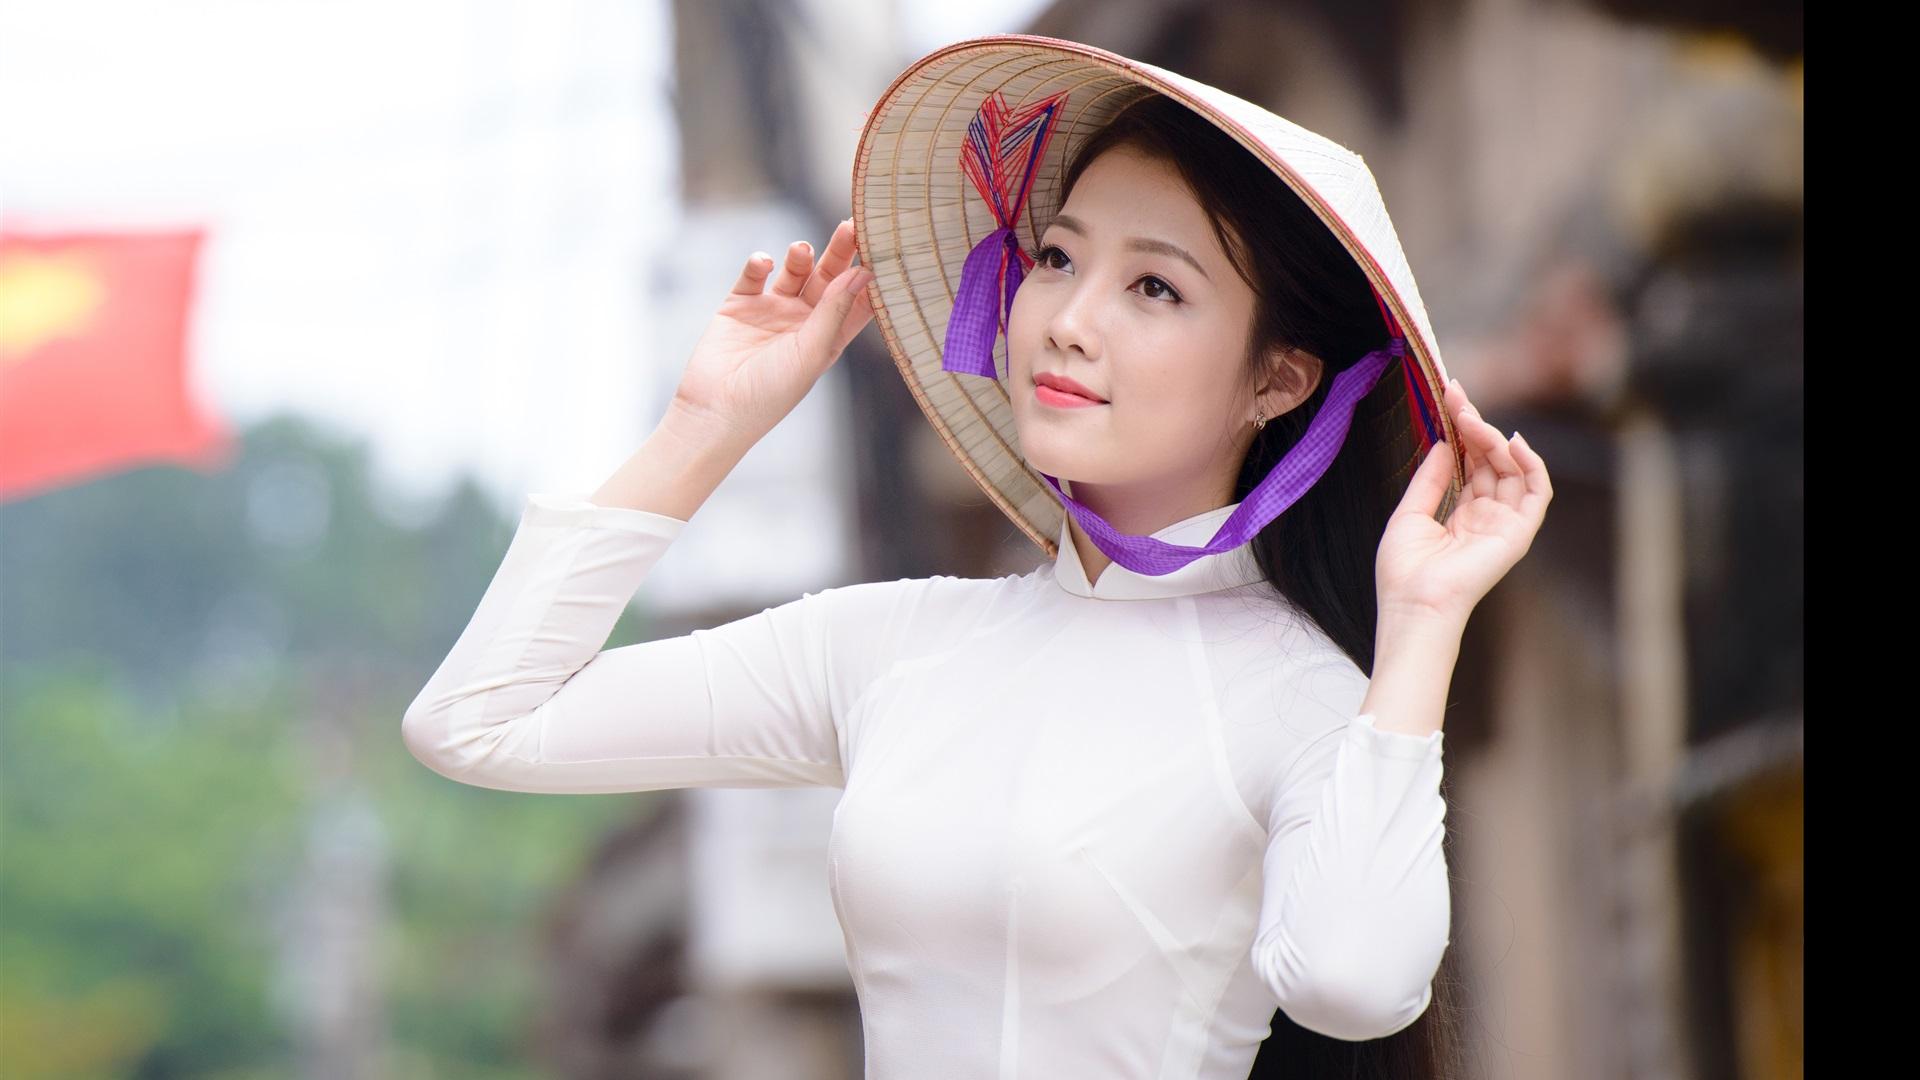 Wallpaper asian girl hat white dress 3840x2160 uhd 4k - Asian girl 4k ...